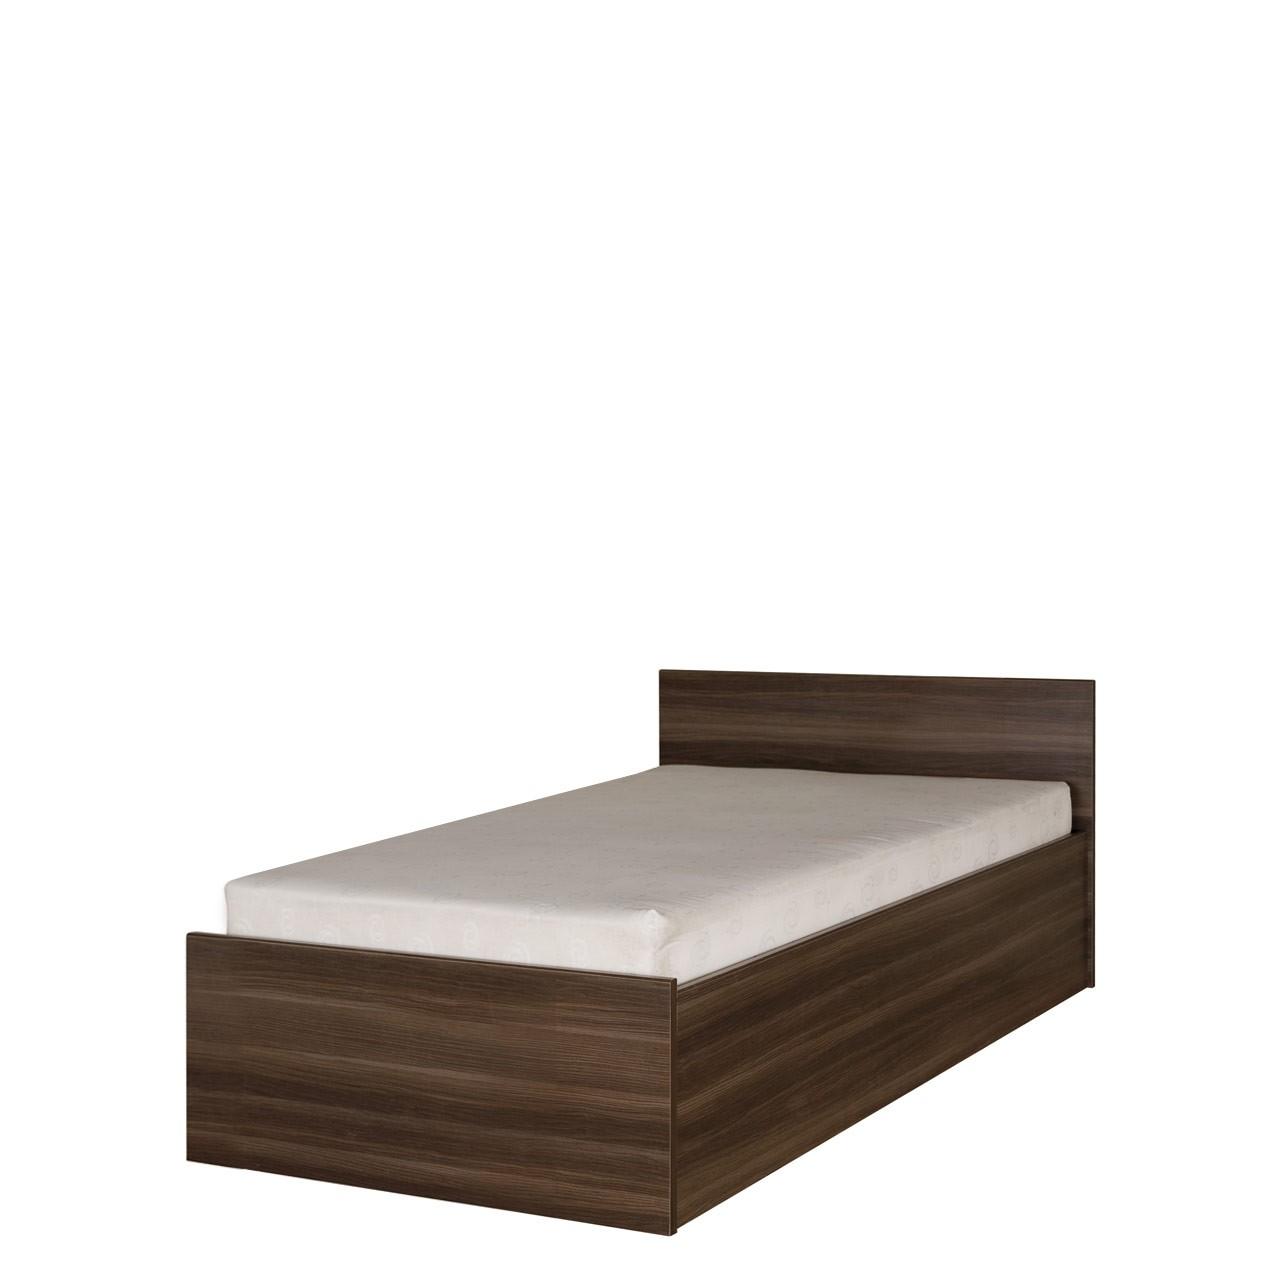 Full Size of Bett 1 Matratze Test Matratzen Reinigen Kaufen 2019 180x200 Baby 160x200 Ins Gemacht Inies Mit In23 Moebel24 Betten Bei Ikea Einfaches Feng Shui Günstig Bett Bett Matratze